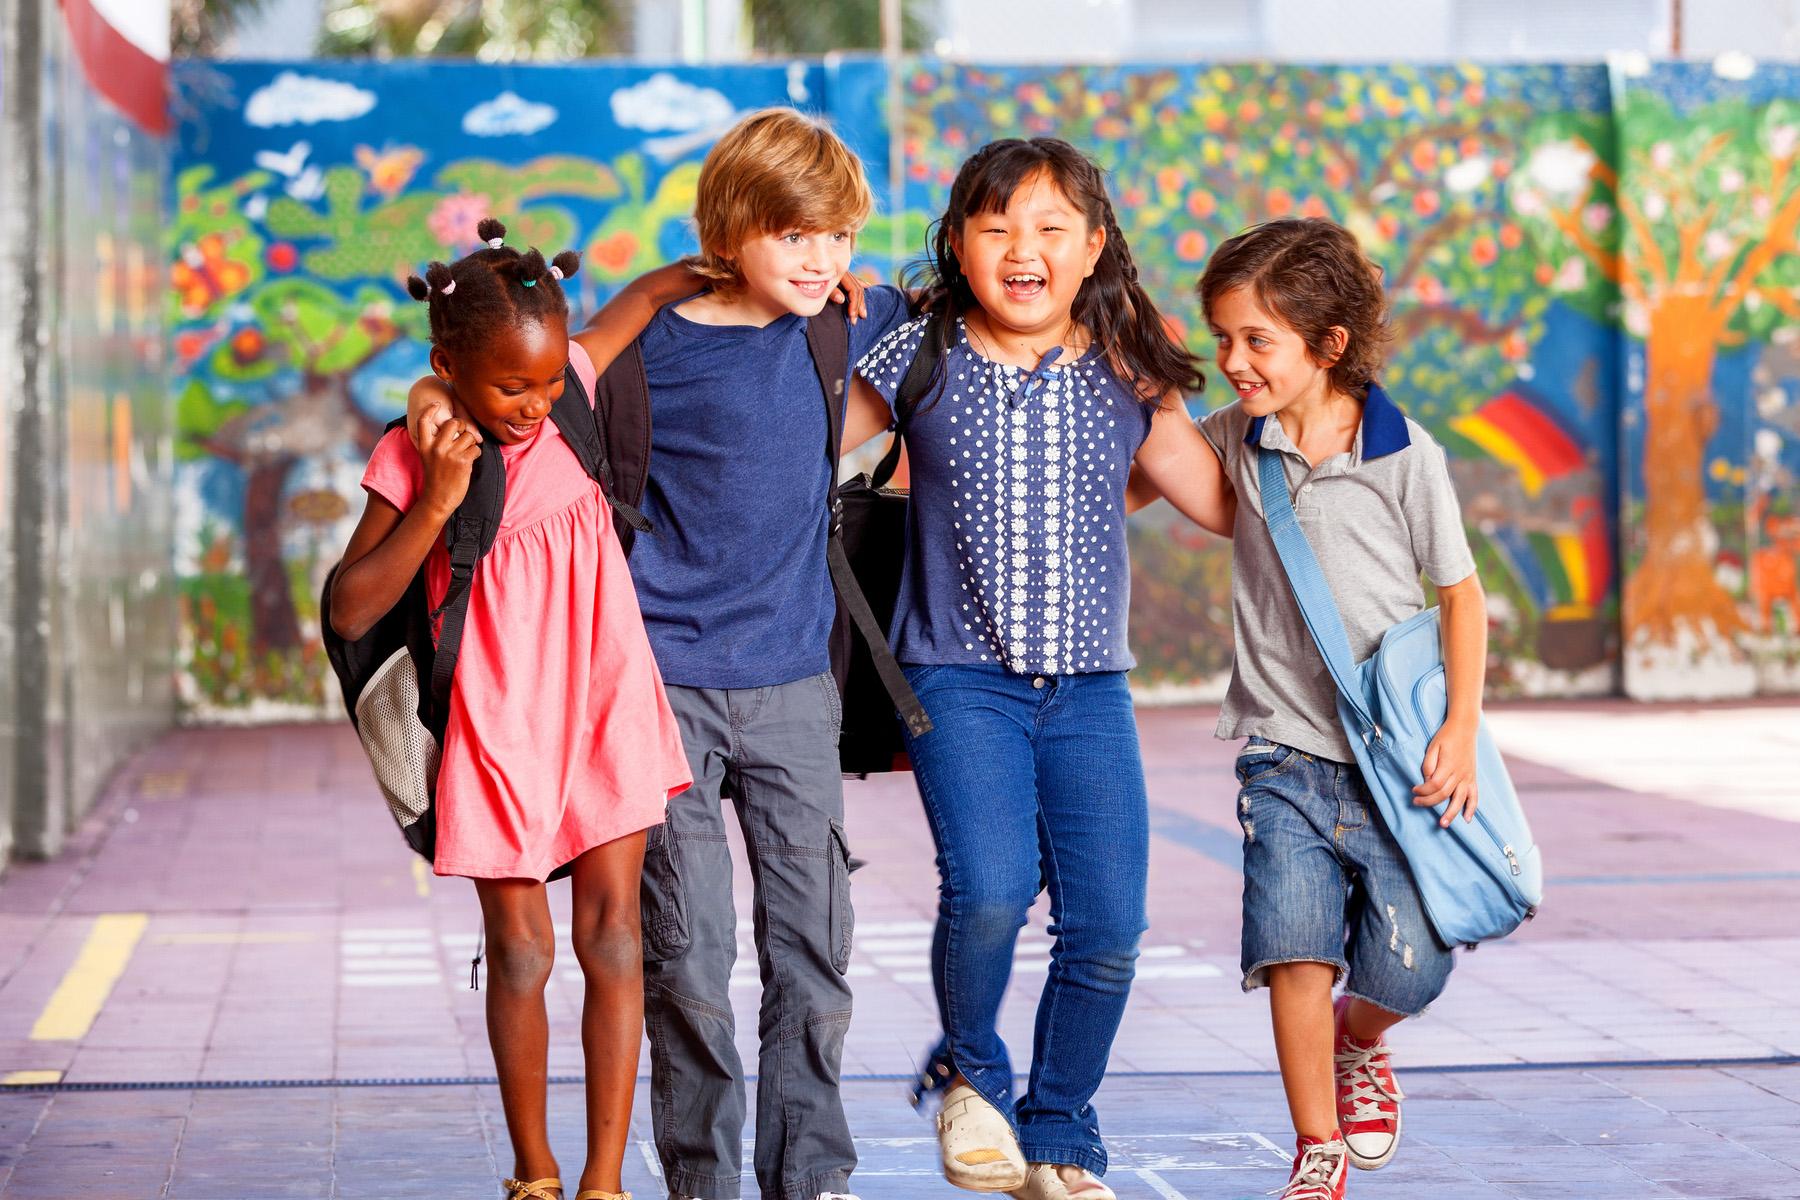 Diverse schoolchildren